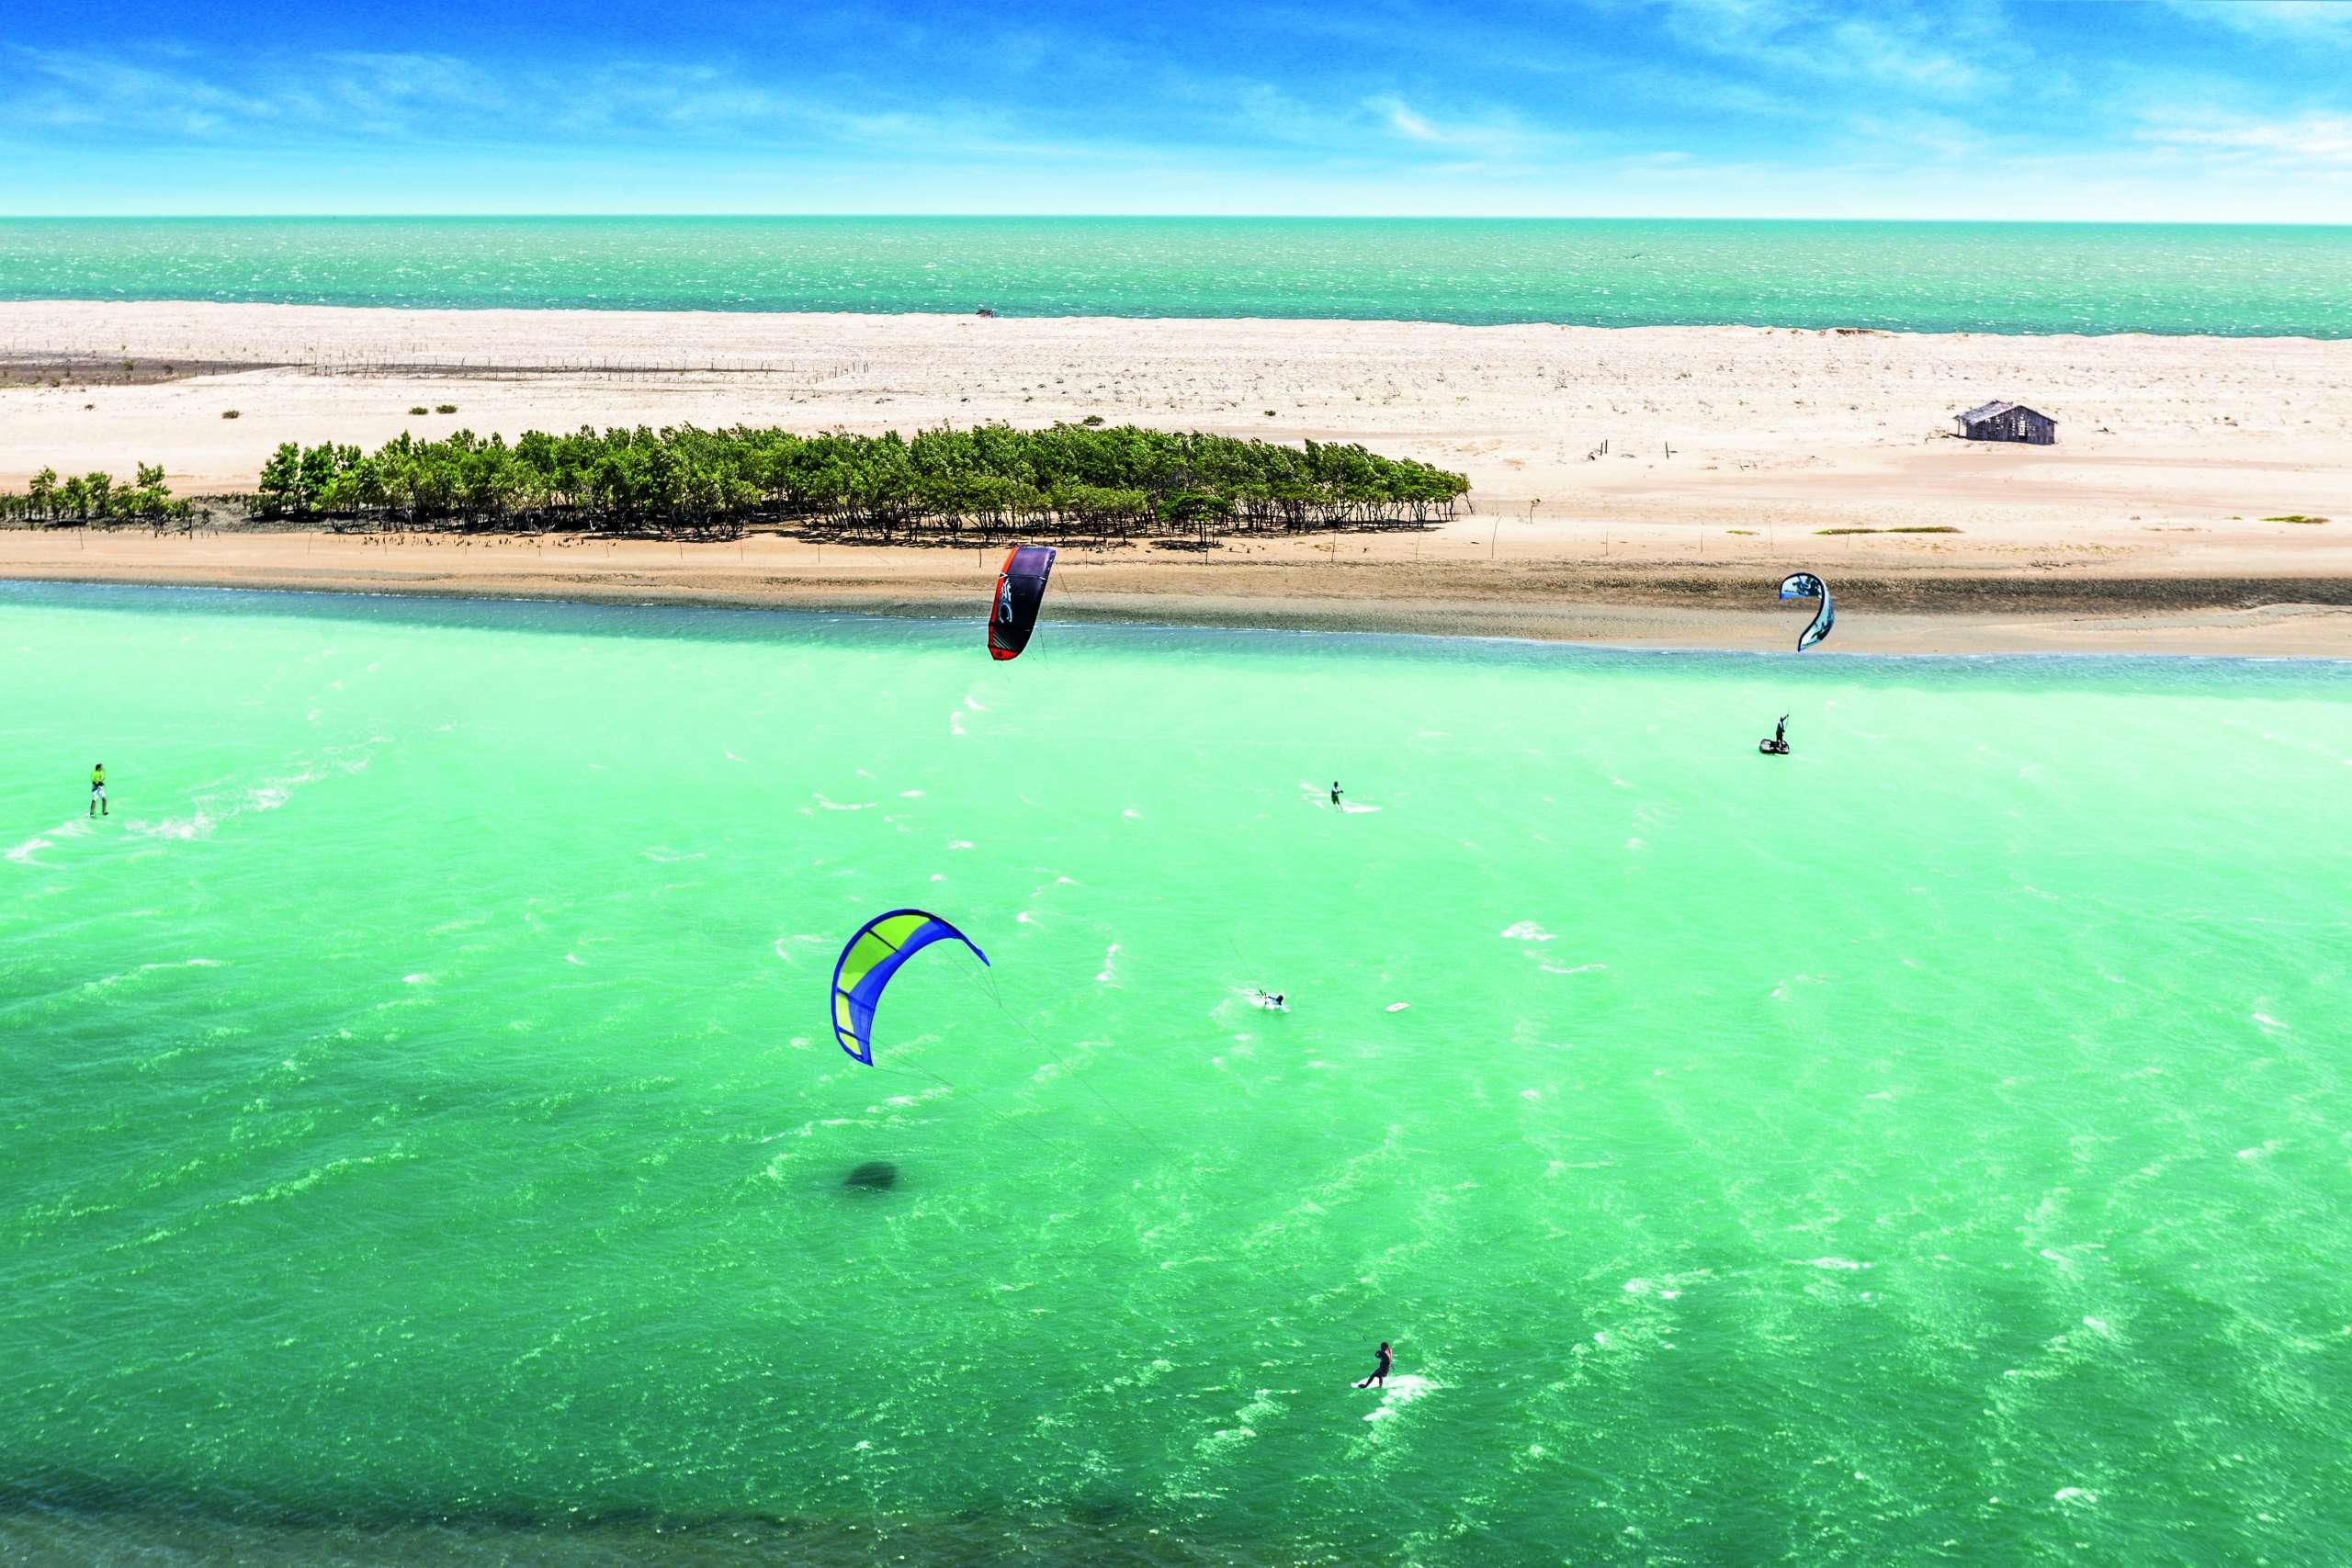 O Ceará é eleito o melhor destino turístico do Brasil